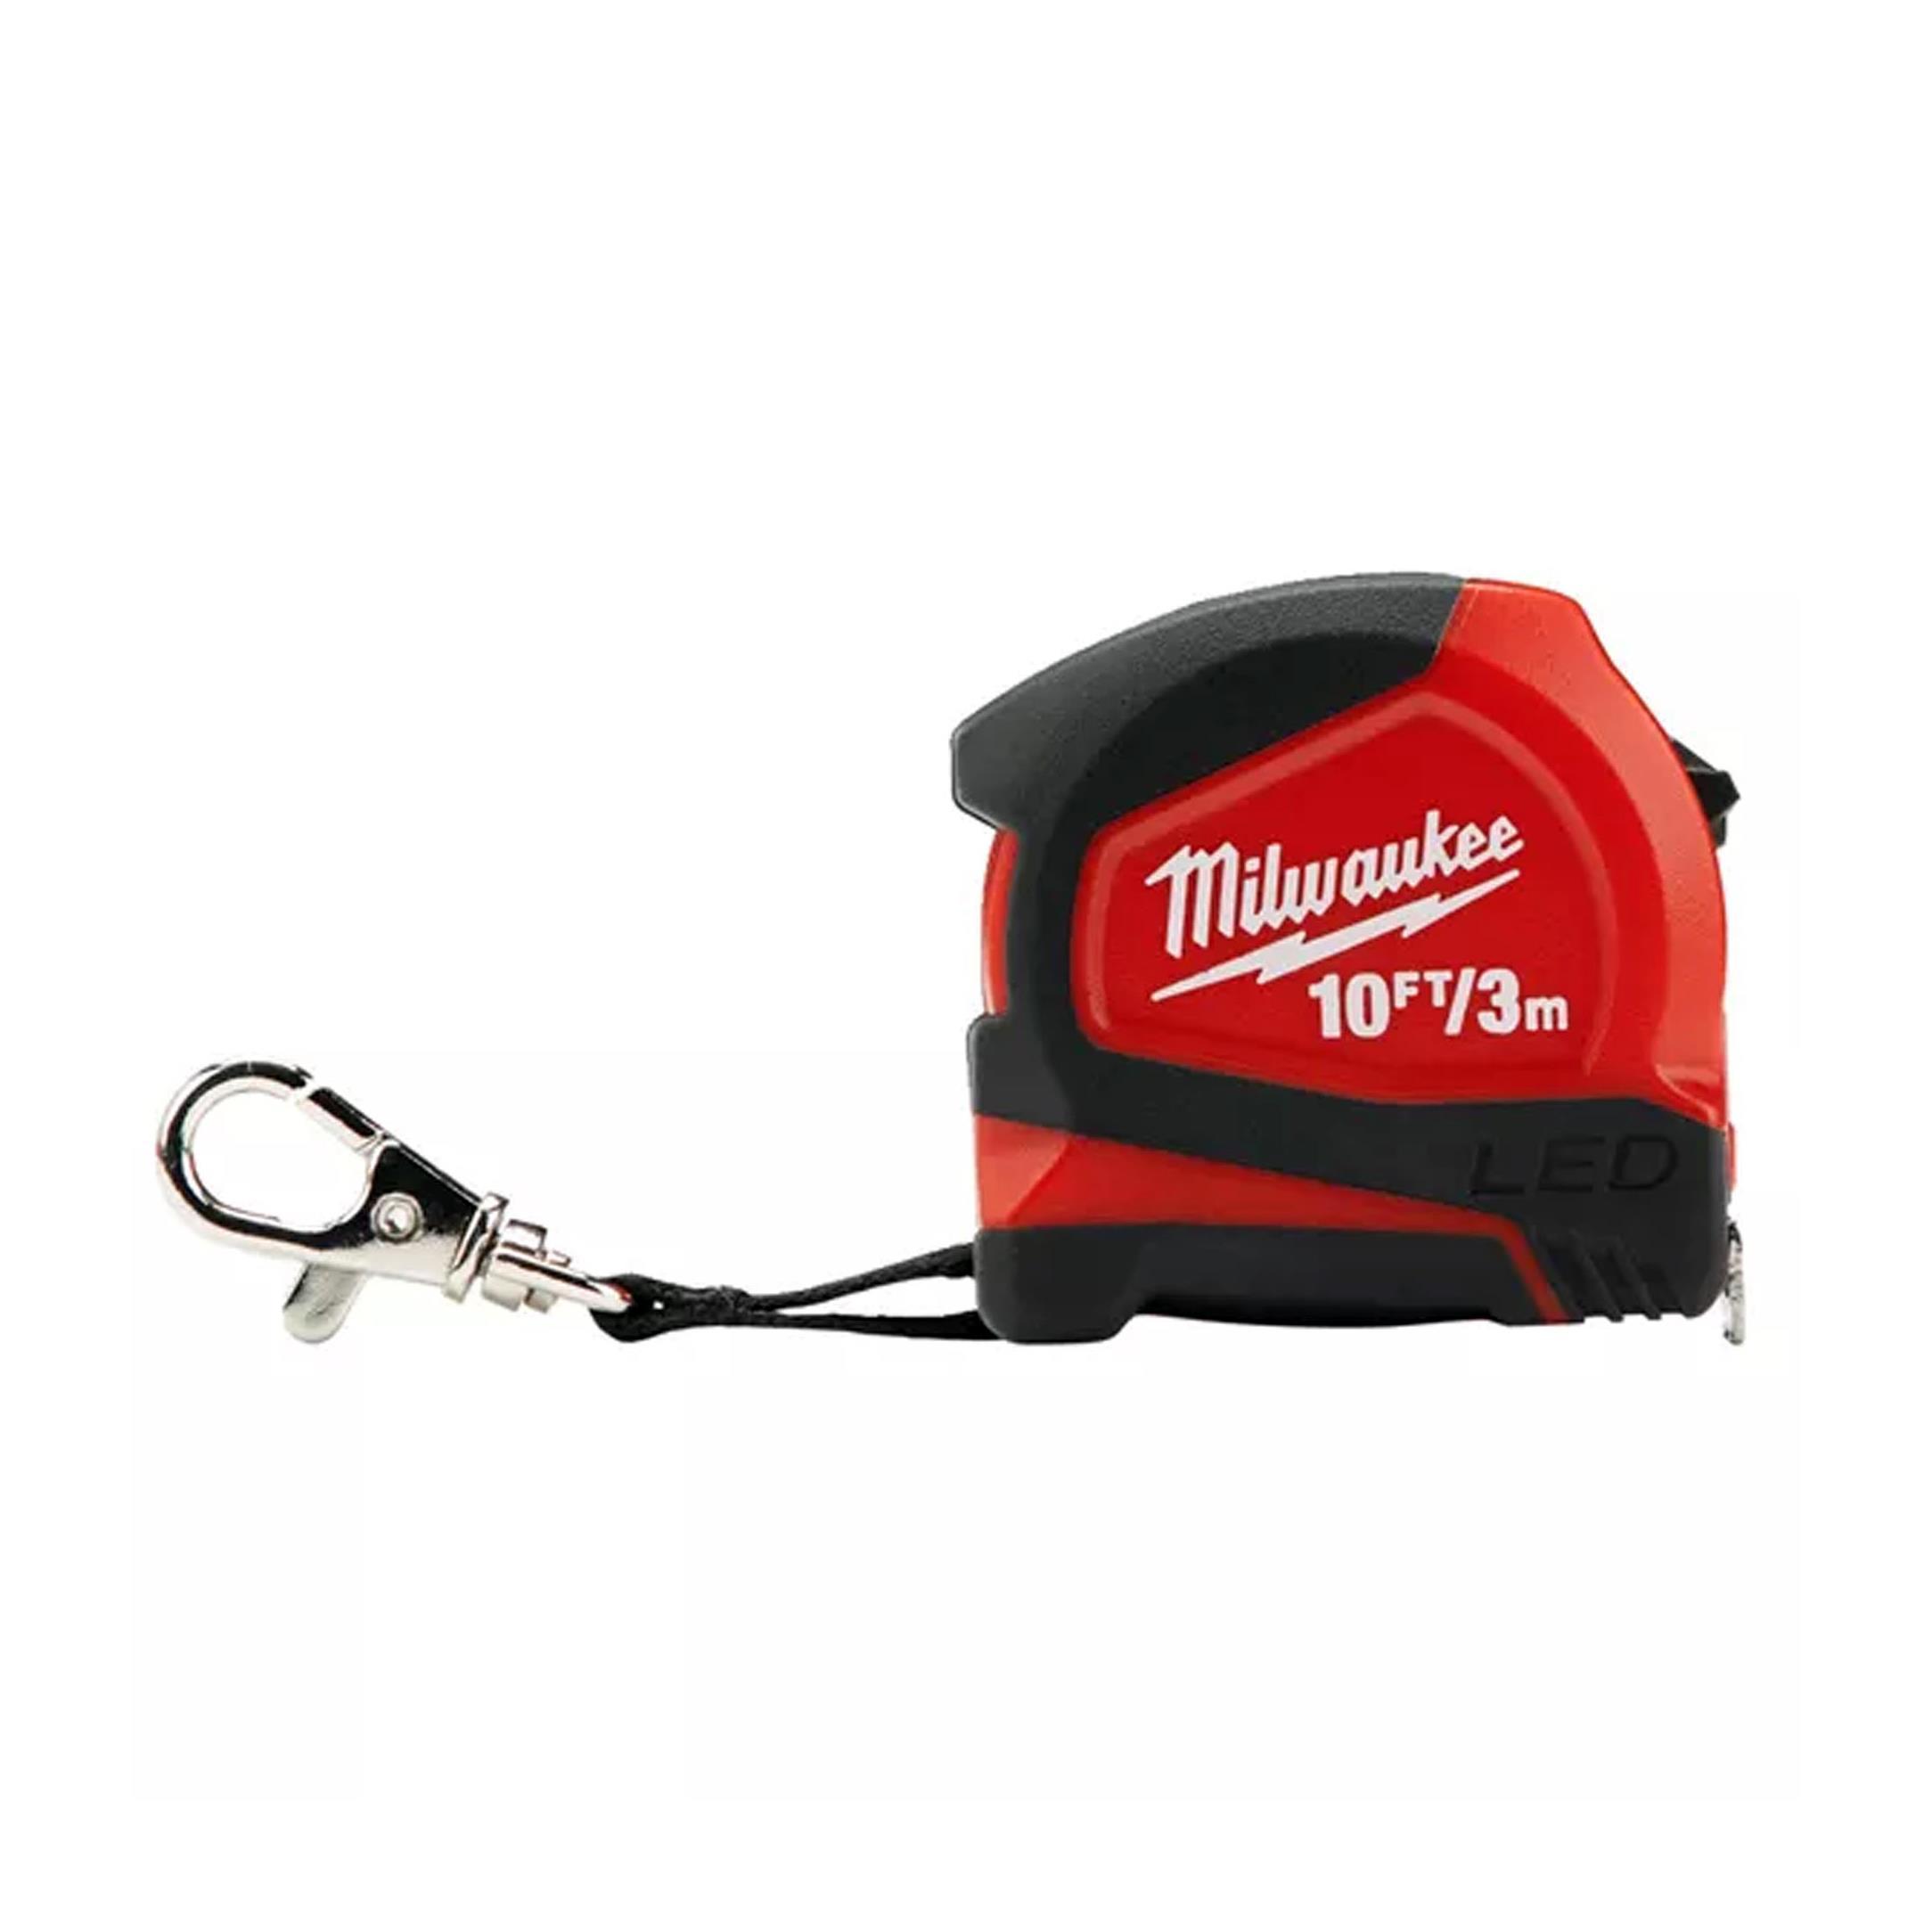 Milwaukee T48226602 Ağır Hizmet Tipi Led Işıklı Şerit Metre 3m